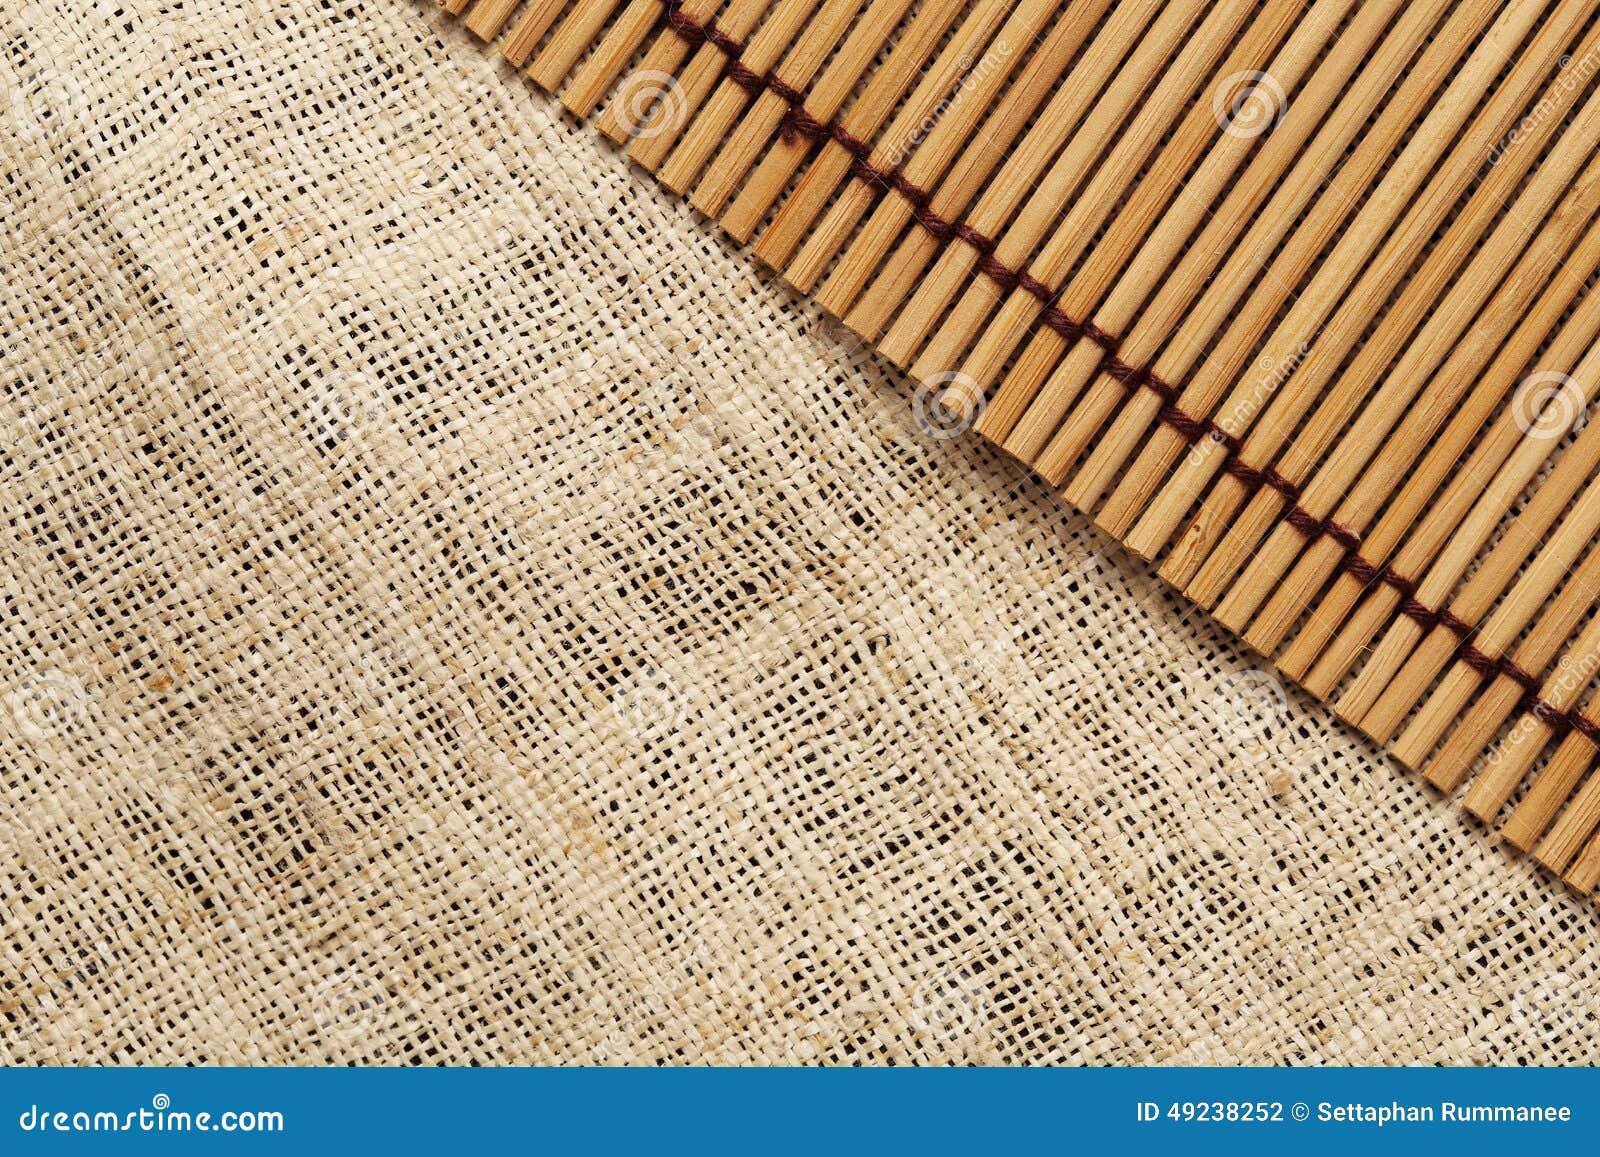 La Textura Y El Modelo De La Lona Y Del Fondo Japonés De La Estera ...